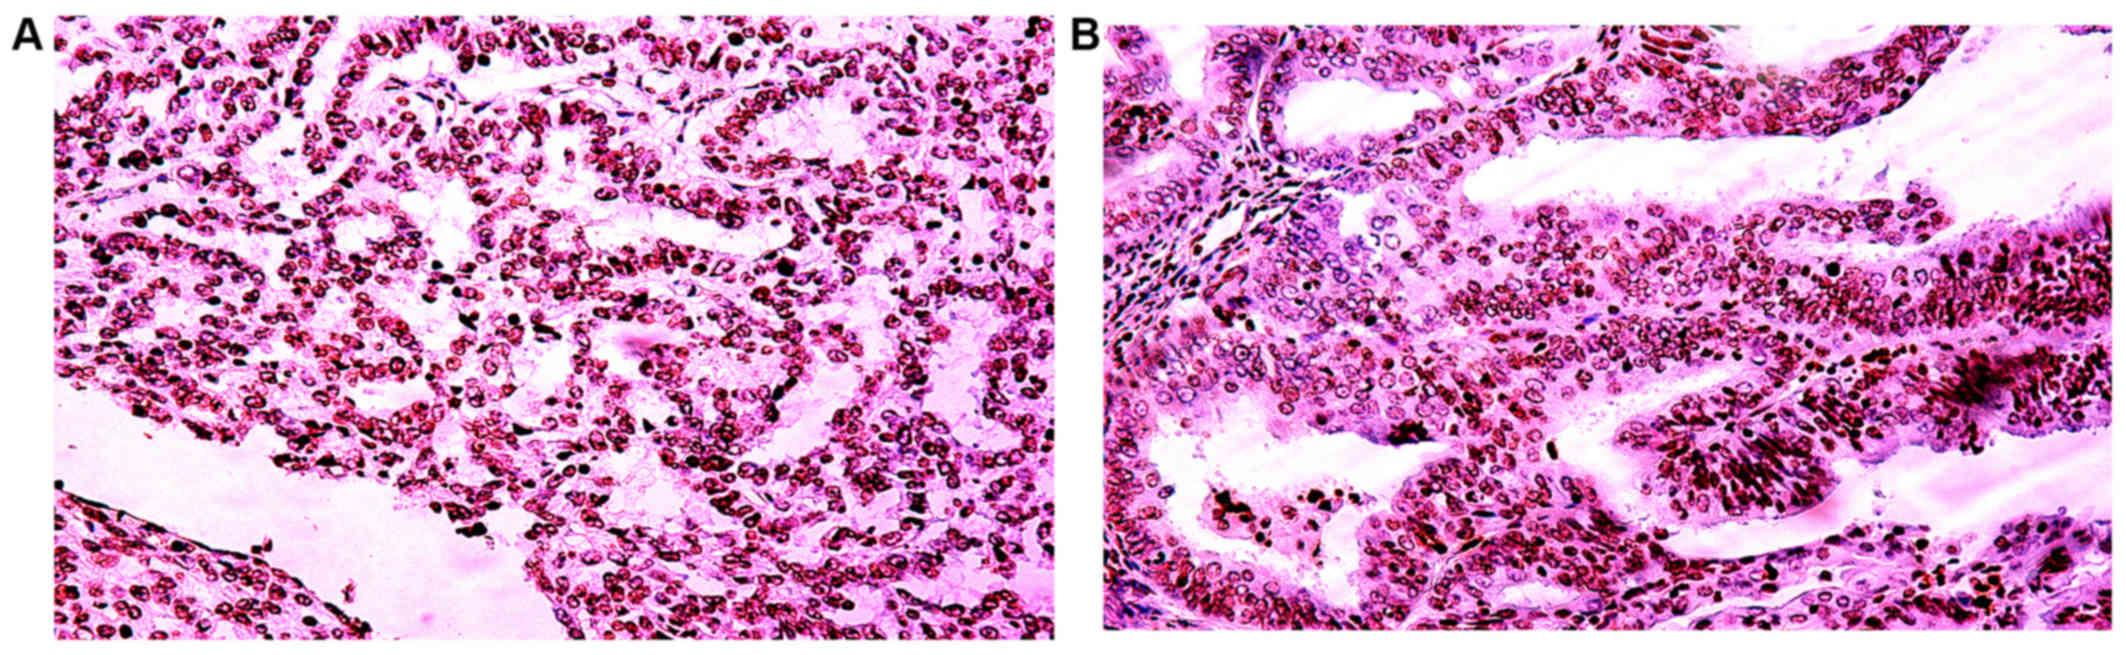 endometrium rák peritonealis citológia)